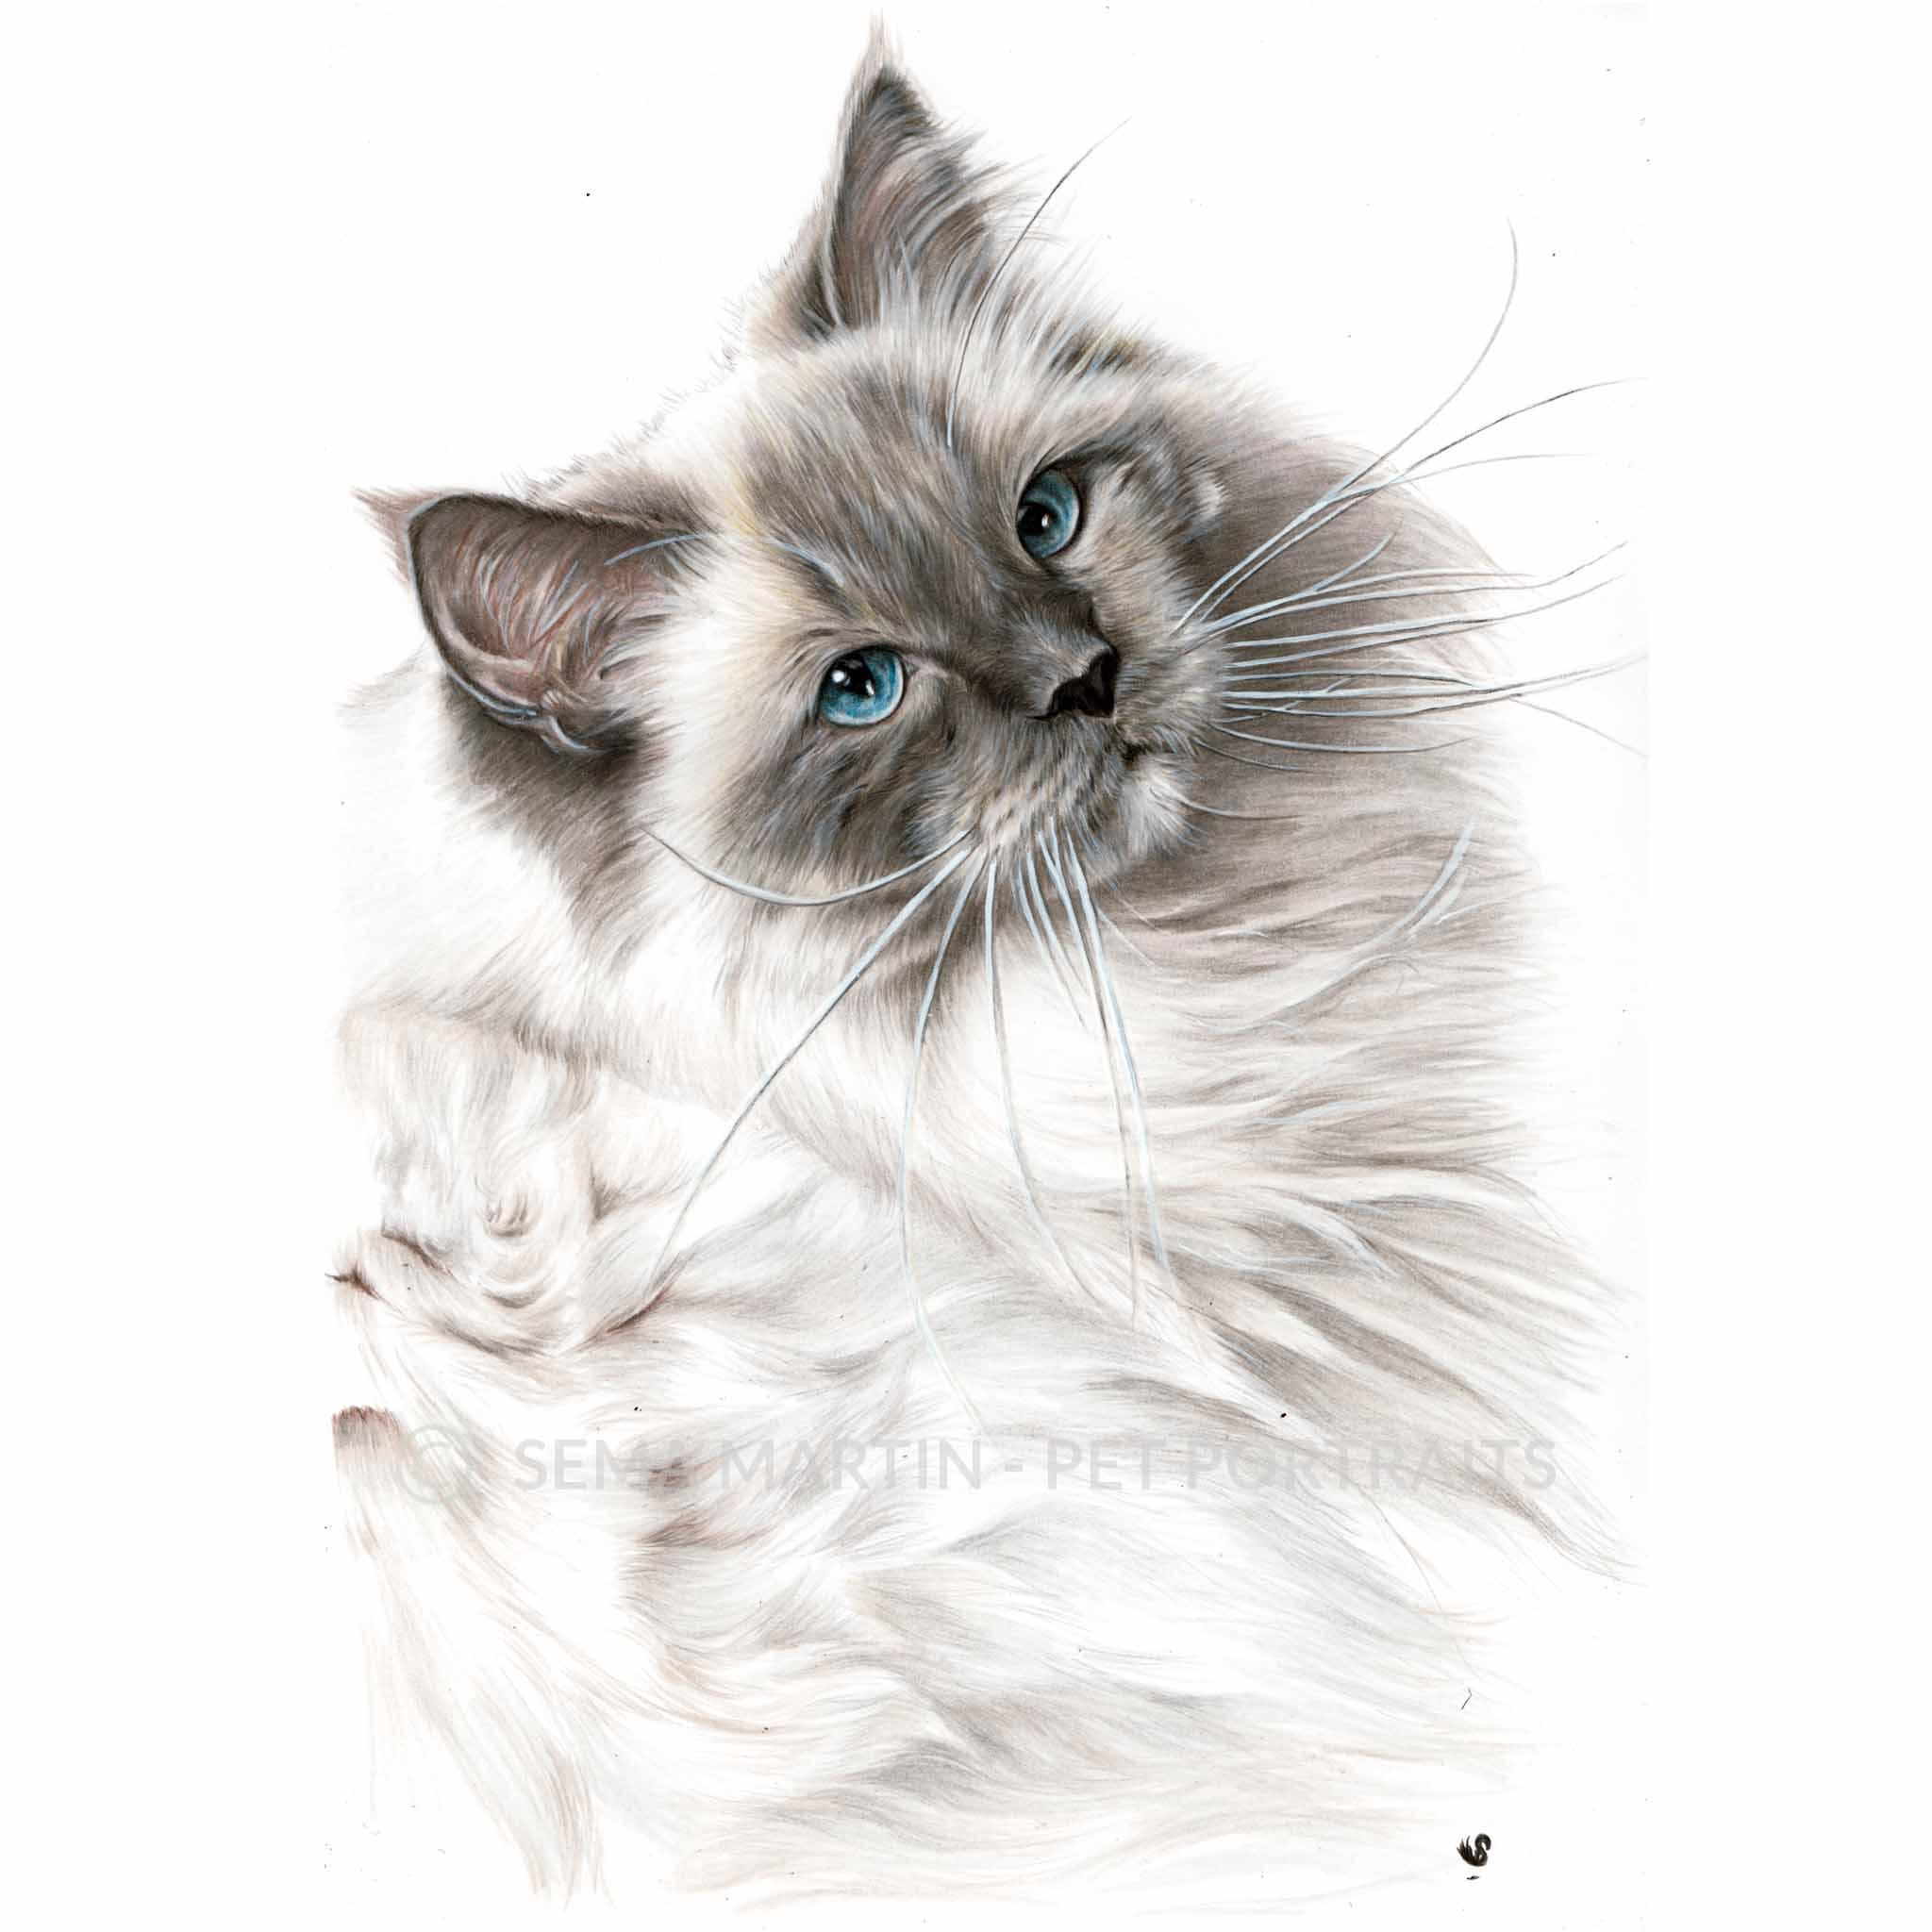 'Pierre' - USA, 8.3 x 11.7 inches, 2018, Colored Pencil Ragdoll Cat Portrait